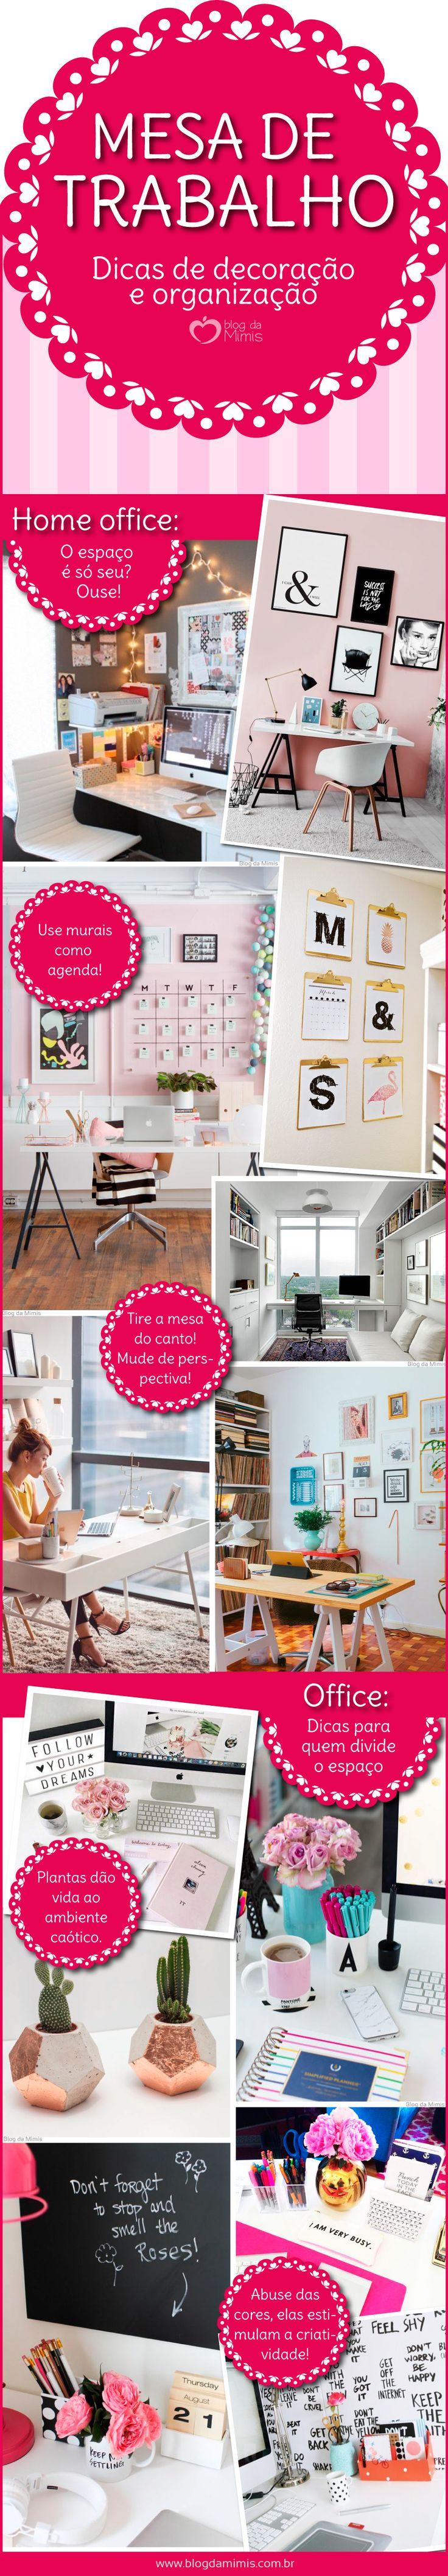 Inspirações para organizar e decorar a mesa de trabalho - Blog da Mimis #blogdamimis #infográfico #mesa #trabalho #homeoffice #office #home